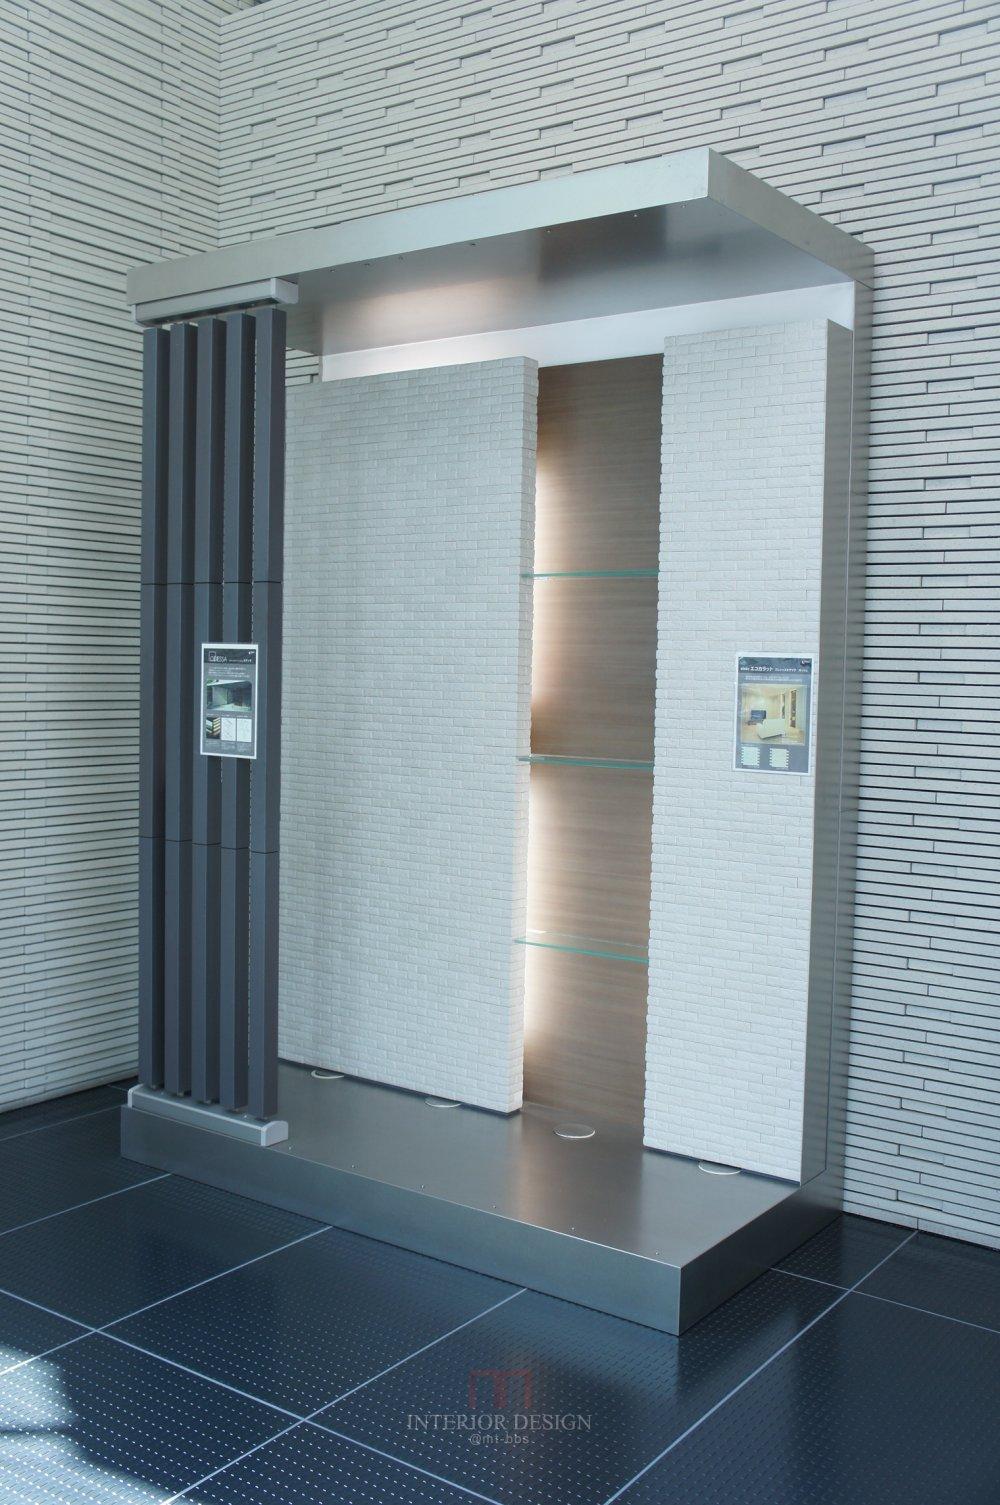 #伙伴一起看日本#  日本设计考察分享(更新美秀美术馆)_DSC05628.JPG